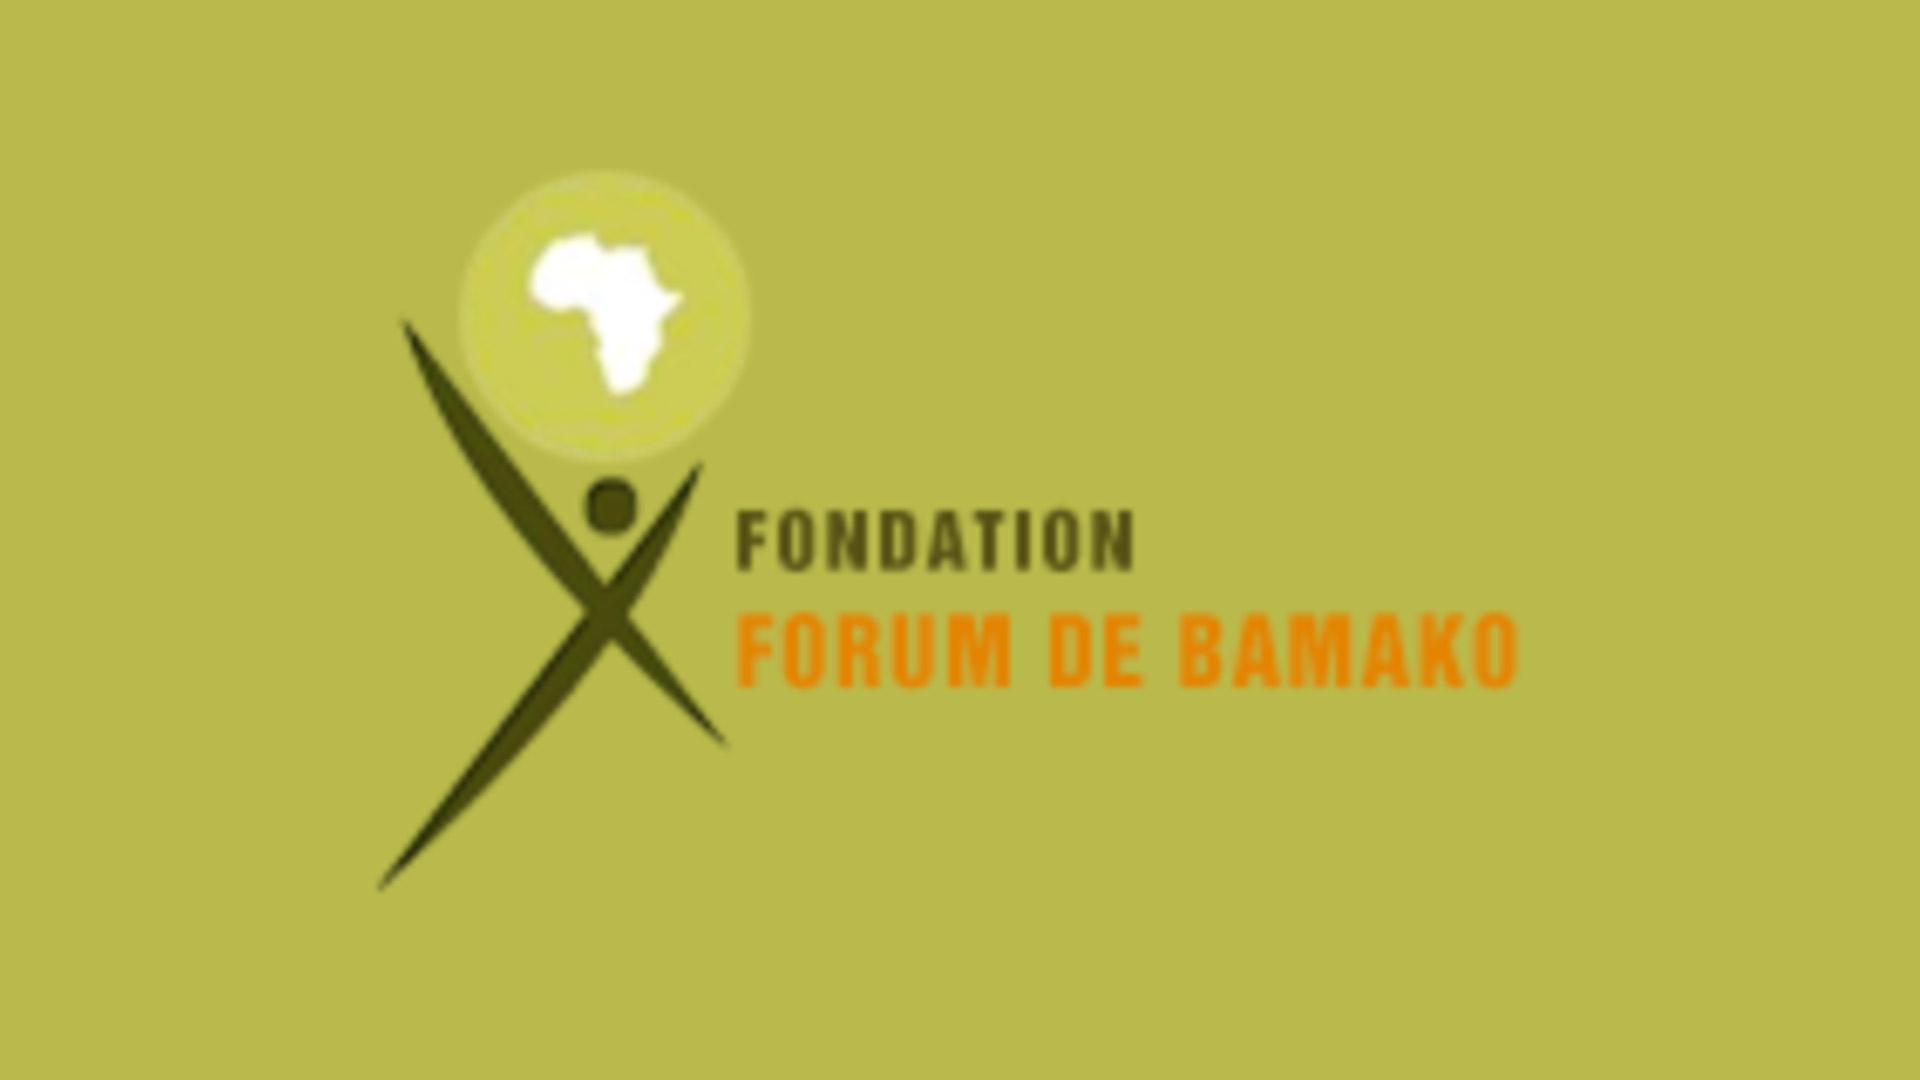 Rencontres de bamako 2018